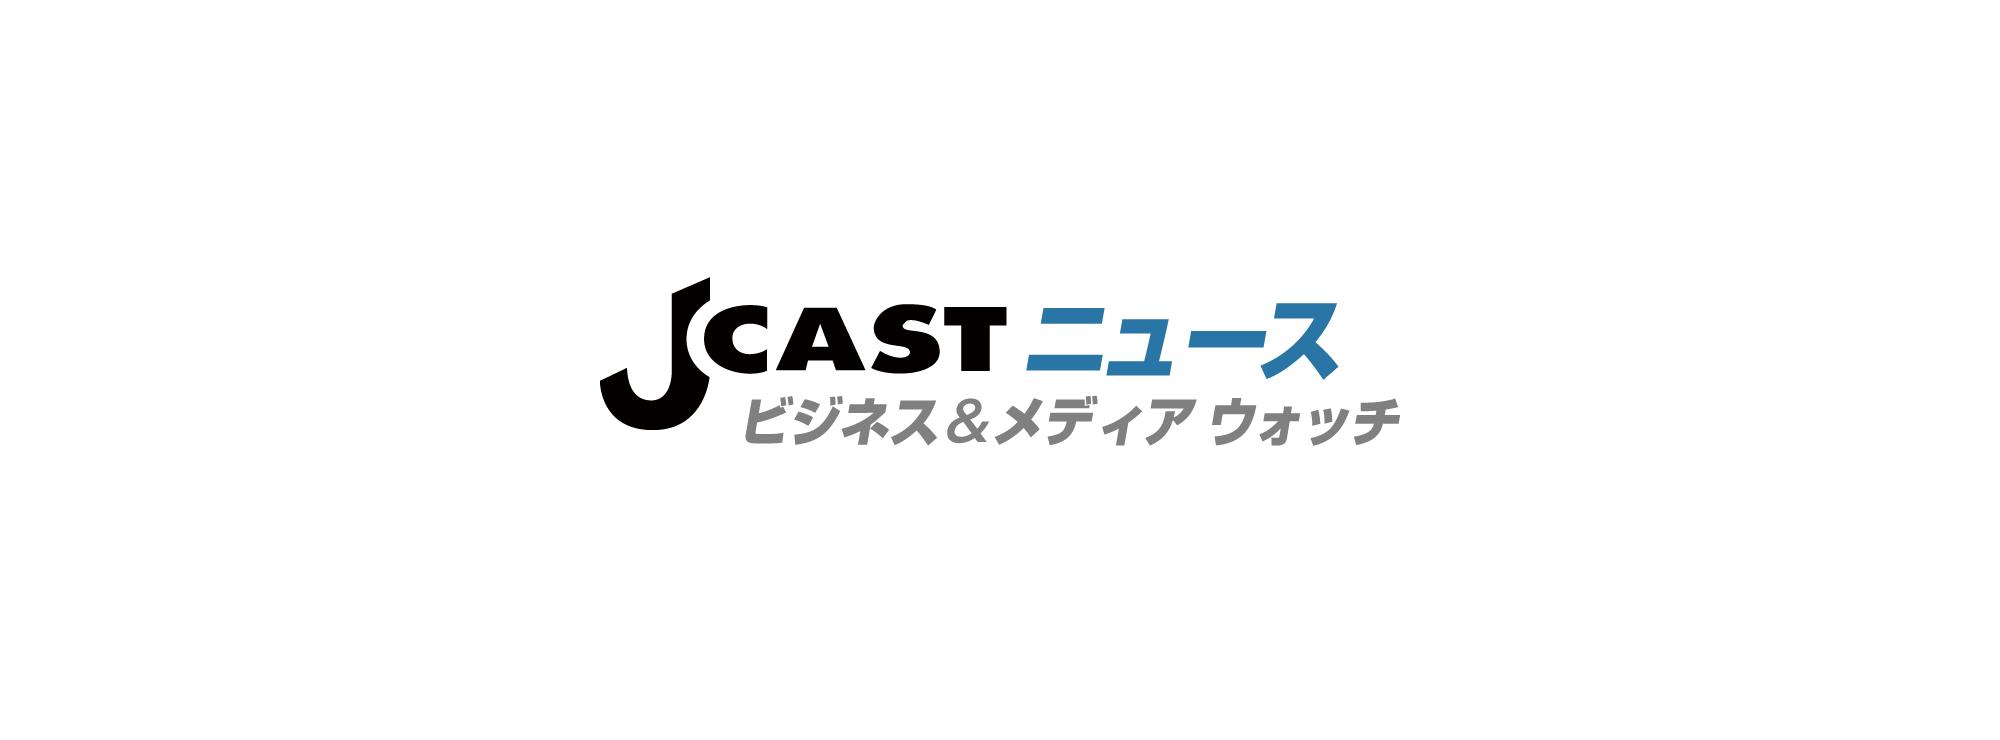 丸亀製麺で18人が食中毒 名古屋市発表、1店を営業停止 : J-CASTヘルスケア